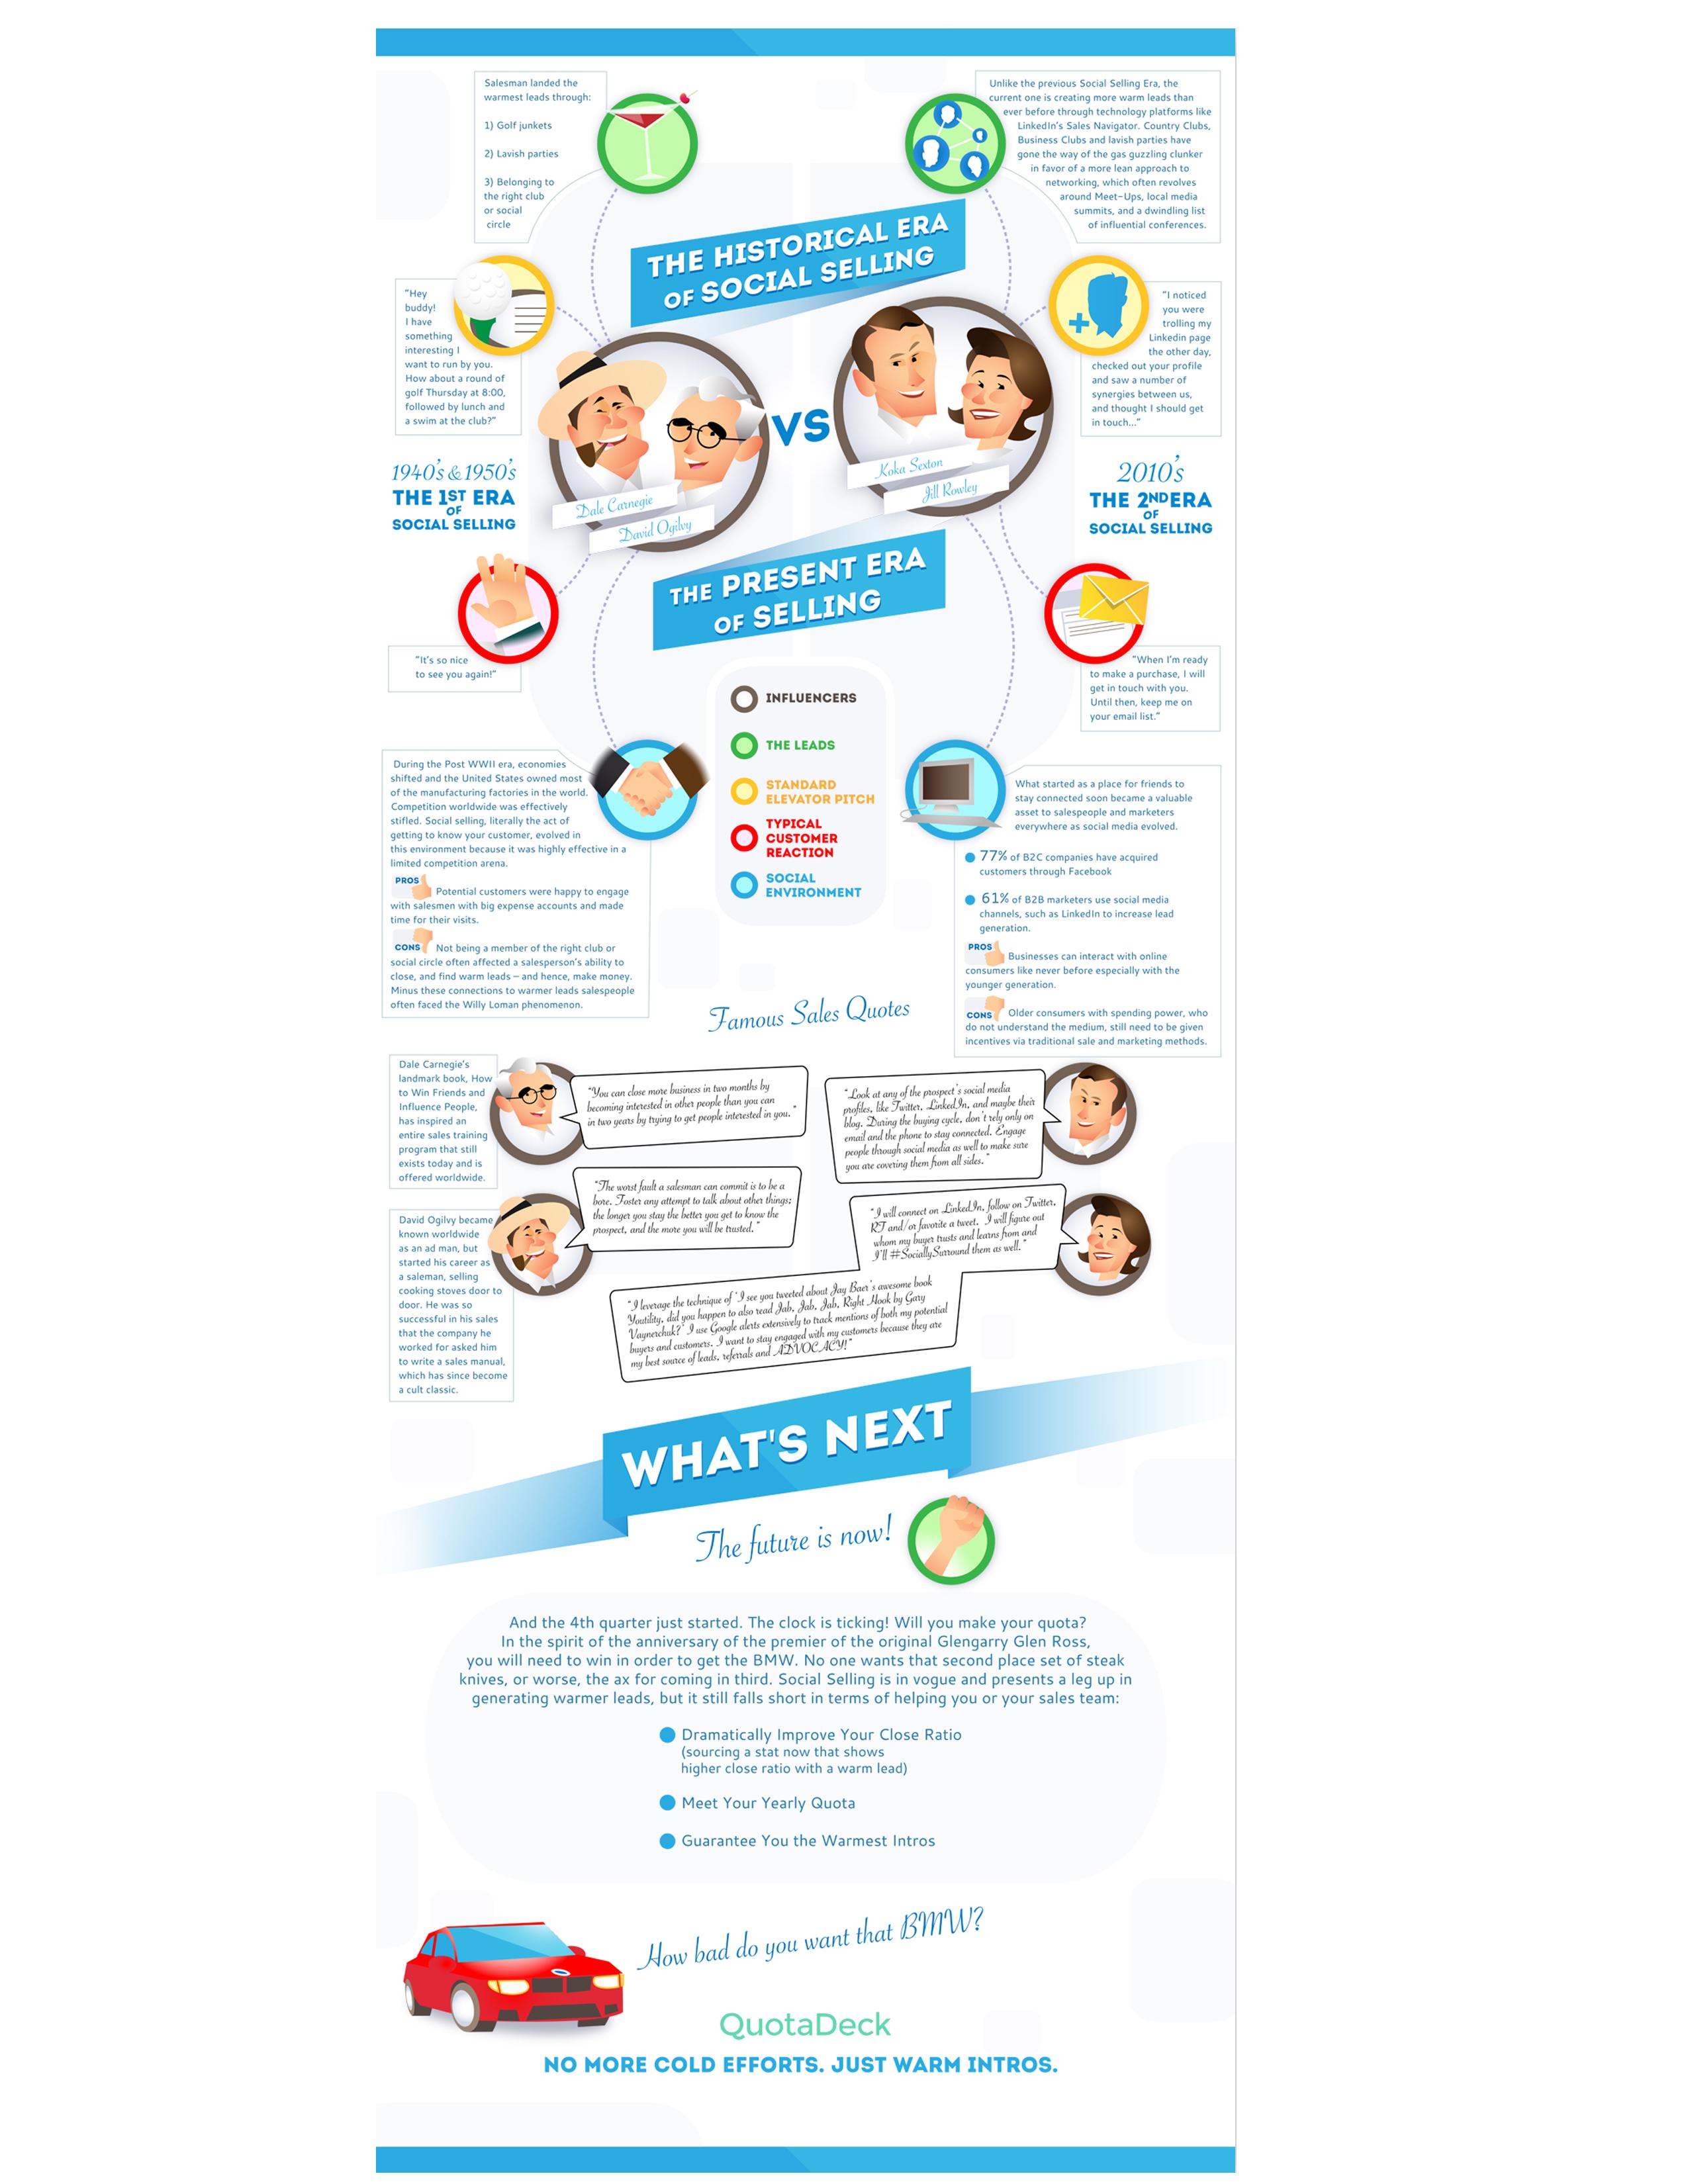 Inc.com Infographic